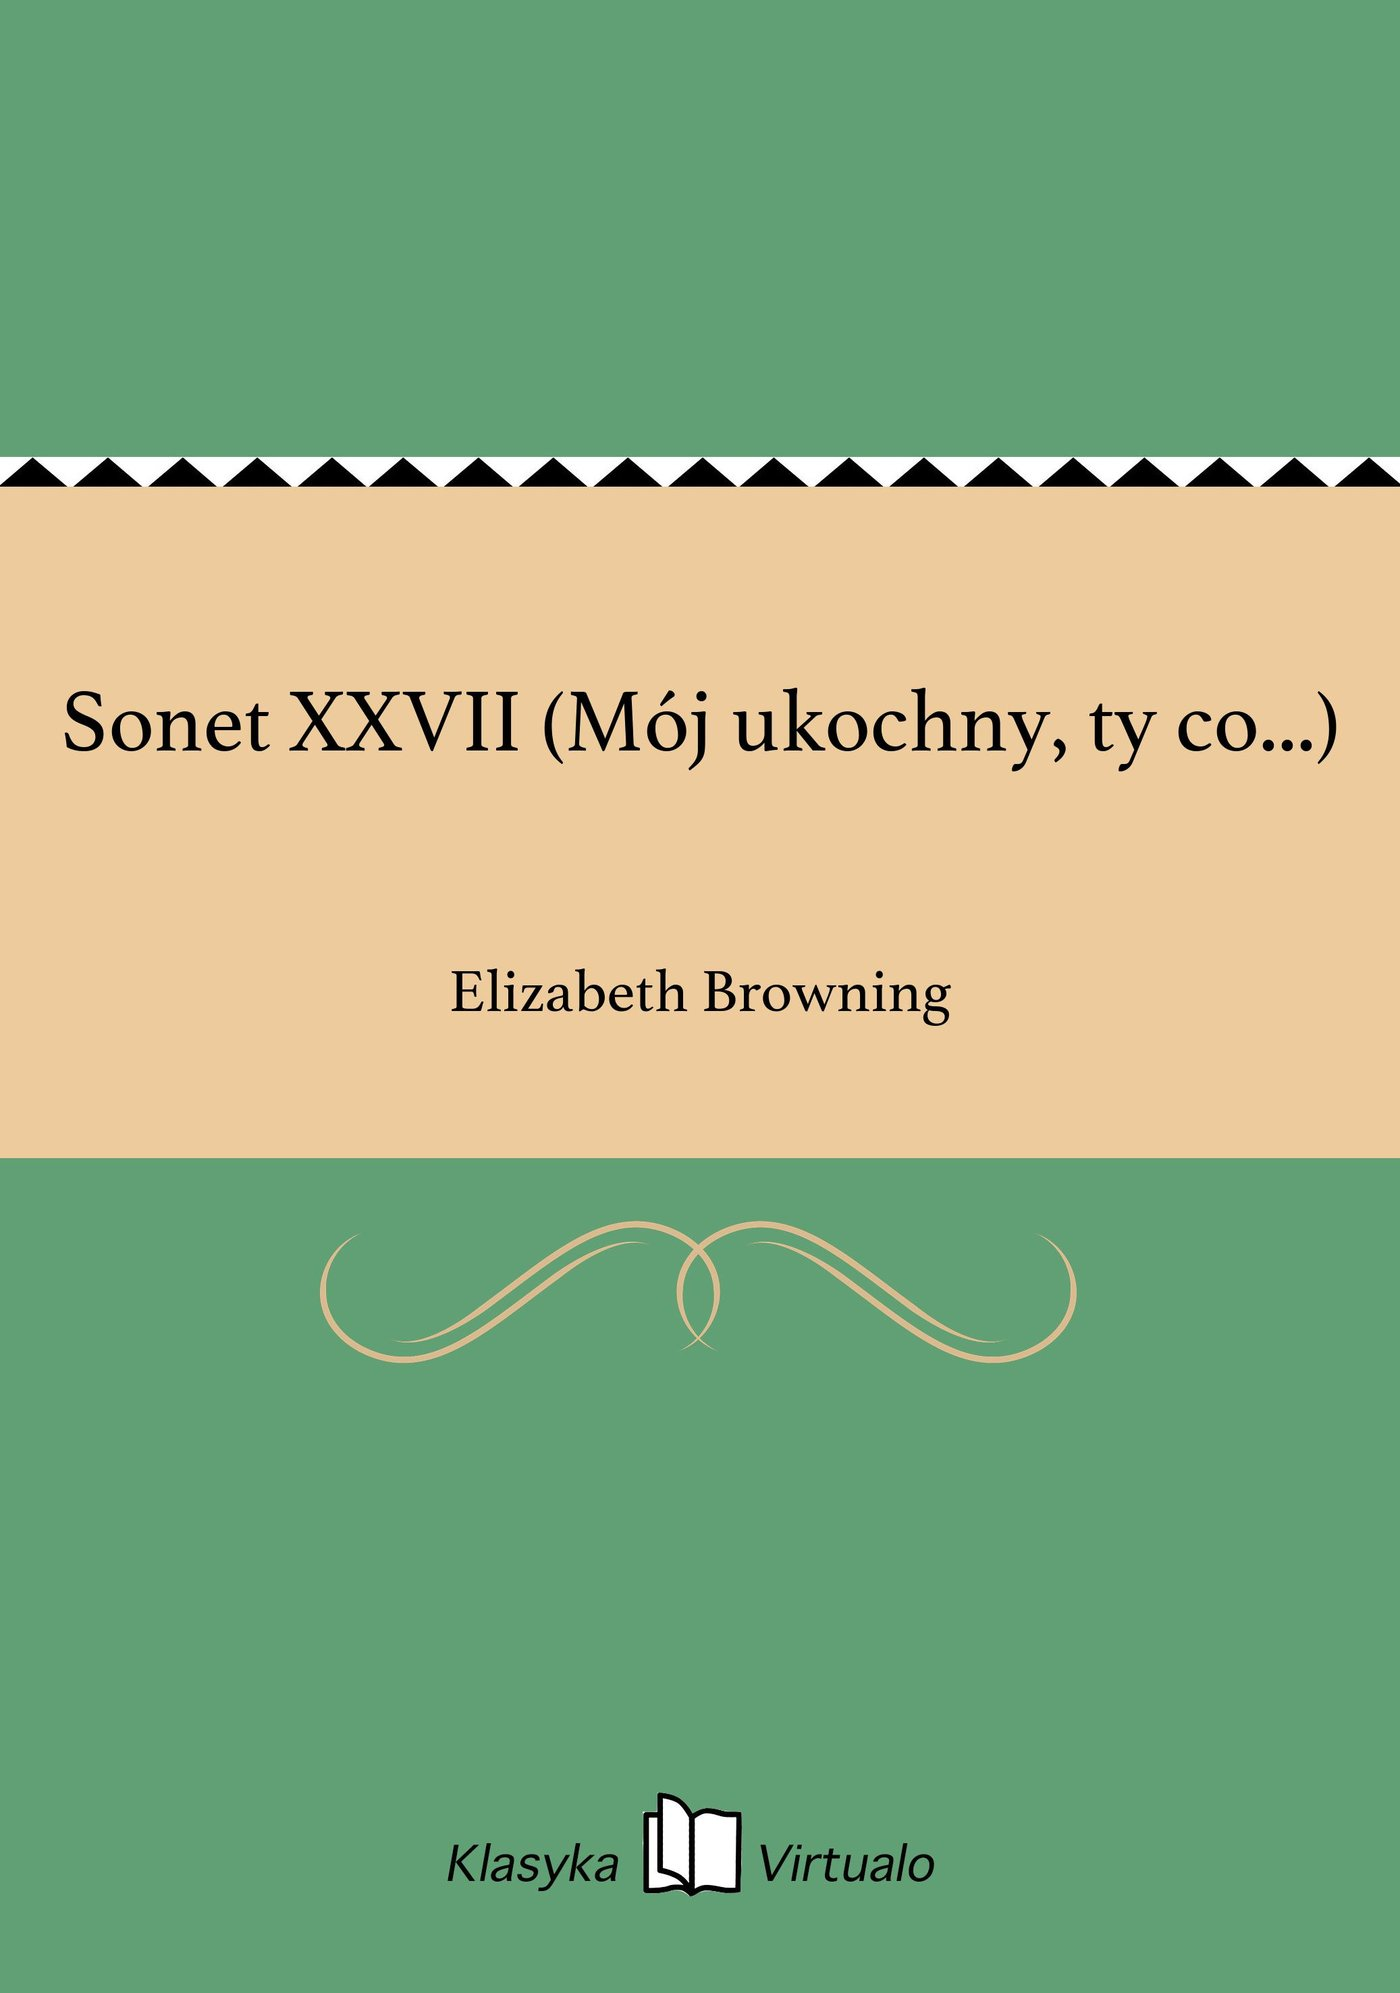 Sonet XXVII (Mój ukochny, ty co...) - Ebook (Książka EPUB) do pobrania w formacie EPUB